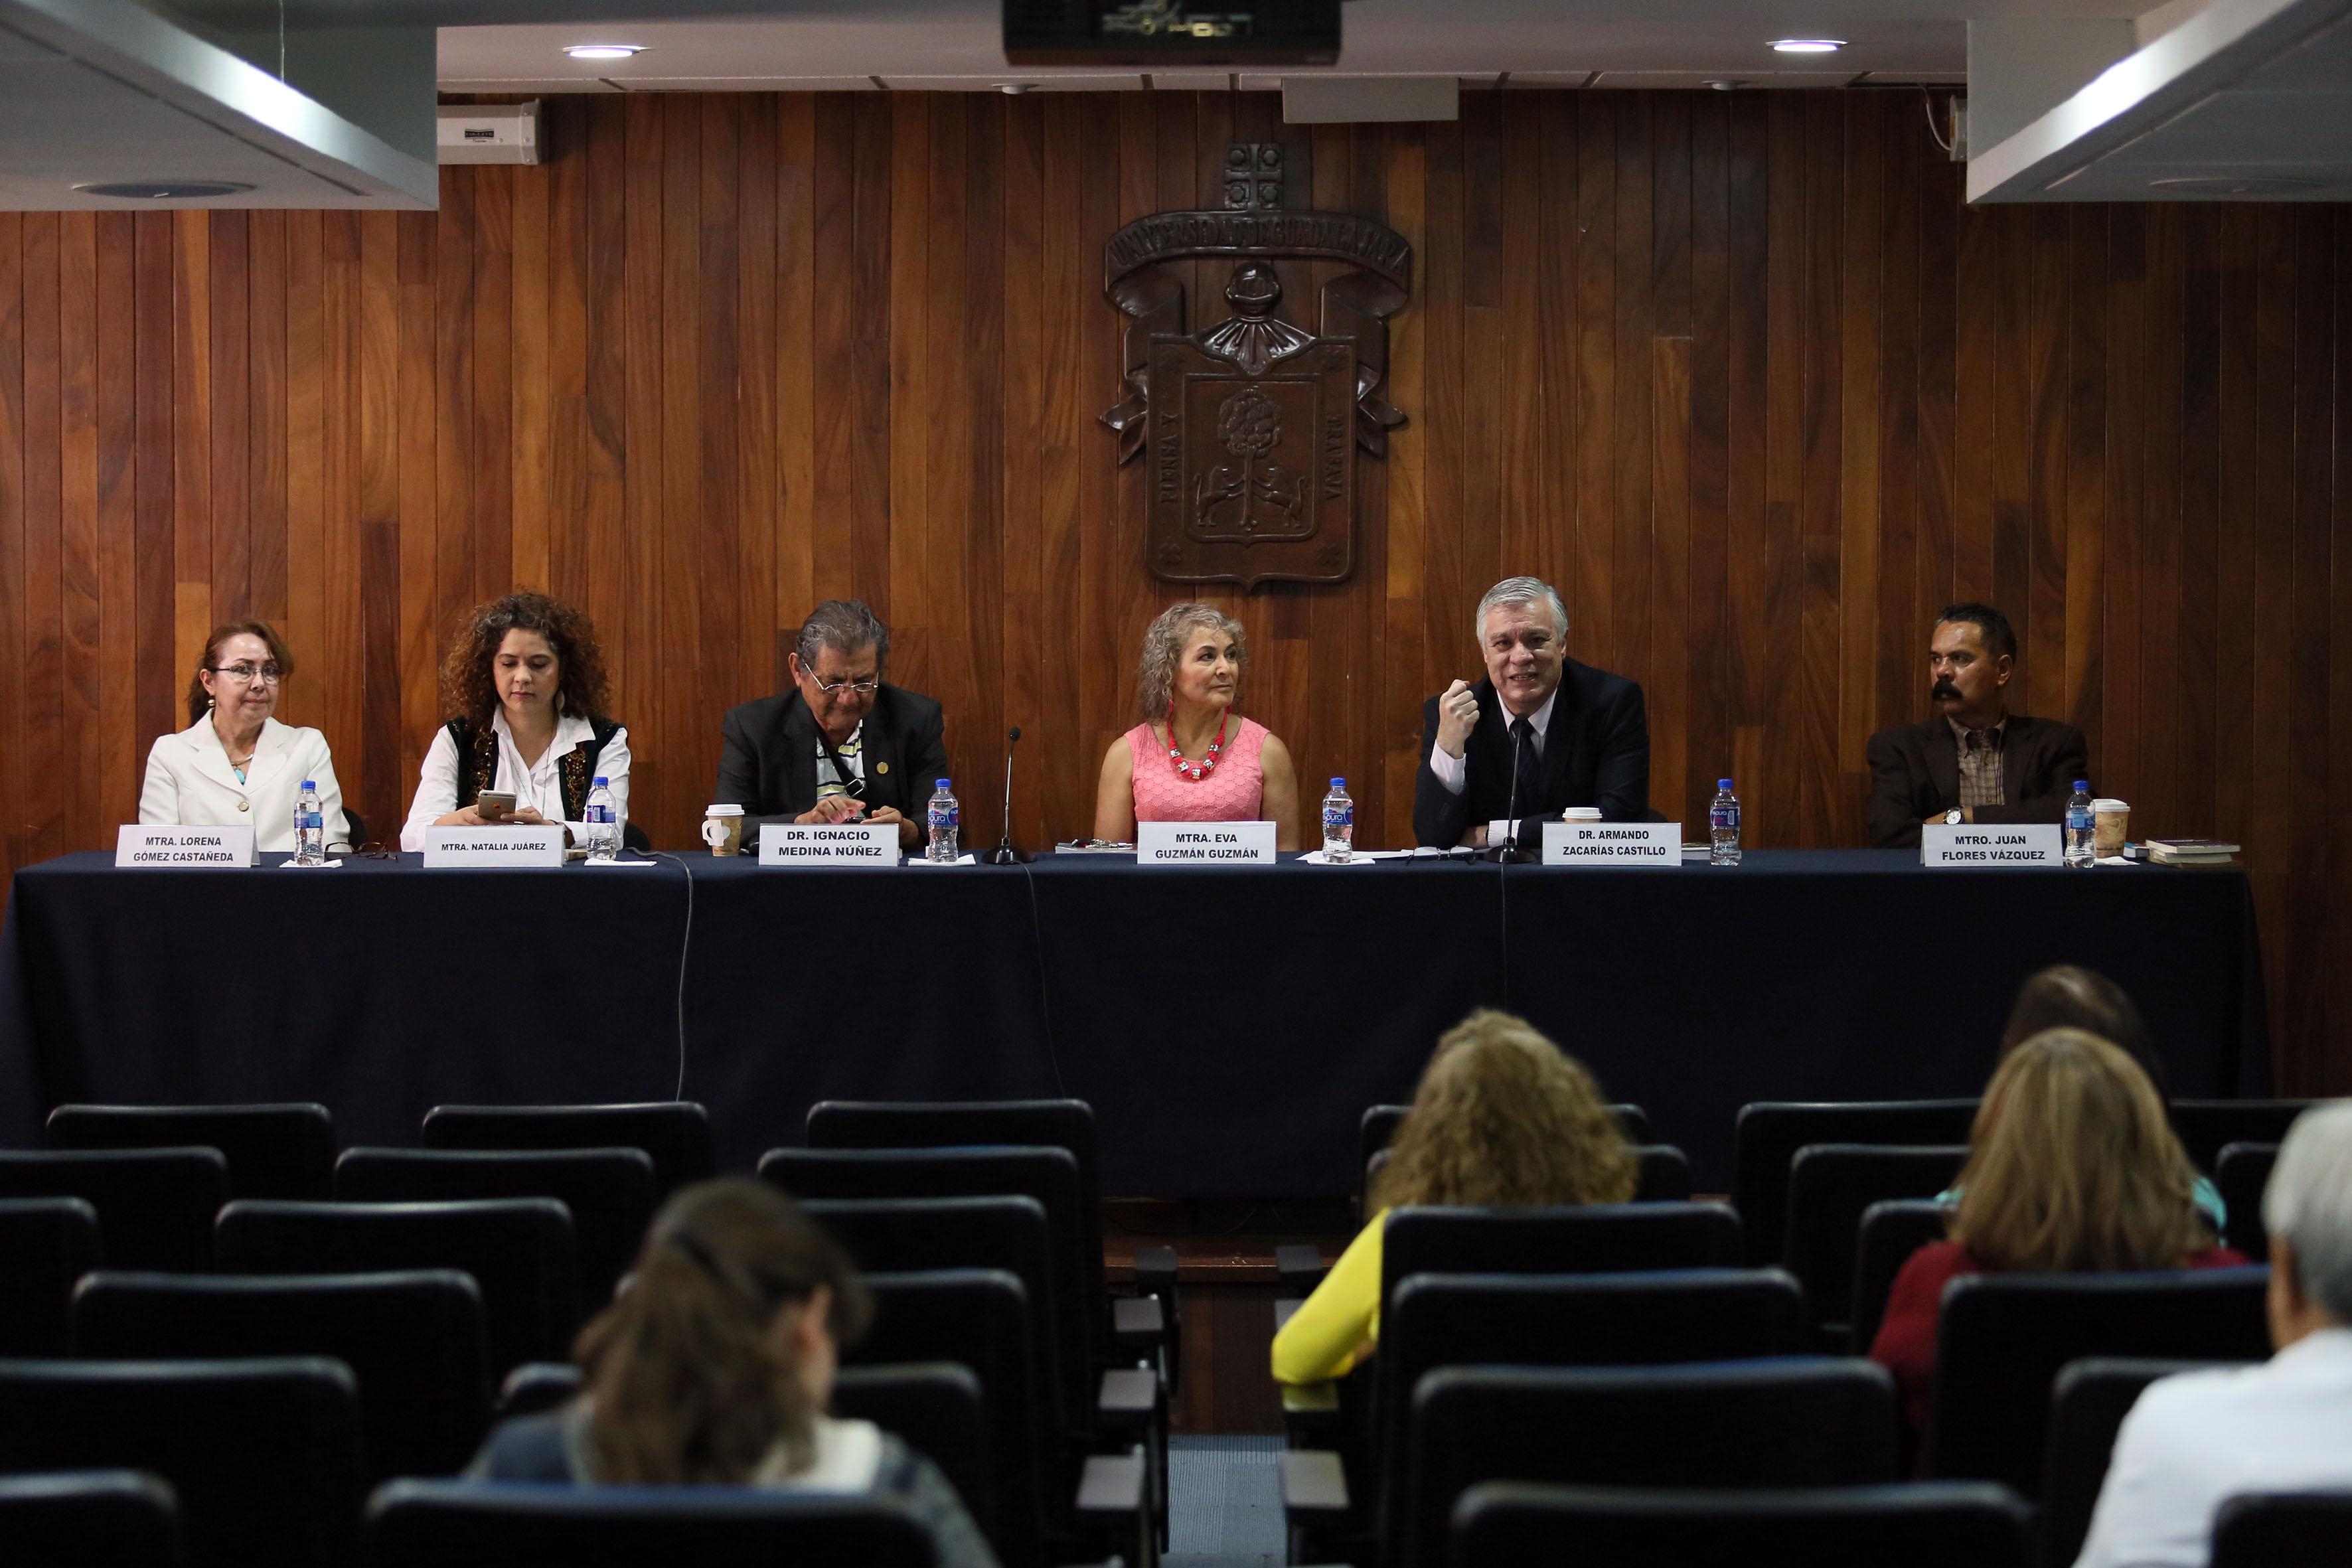 """Presentación del libro """"Política magisterial en Jalisco, 2004-2012"""", en las instalaciones del CUCSH"""